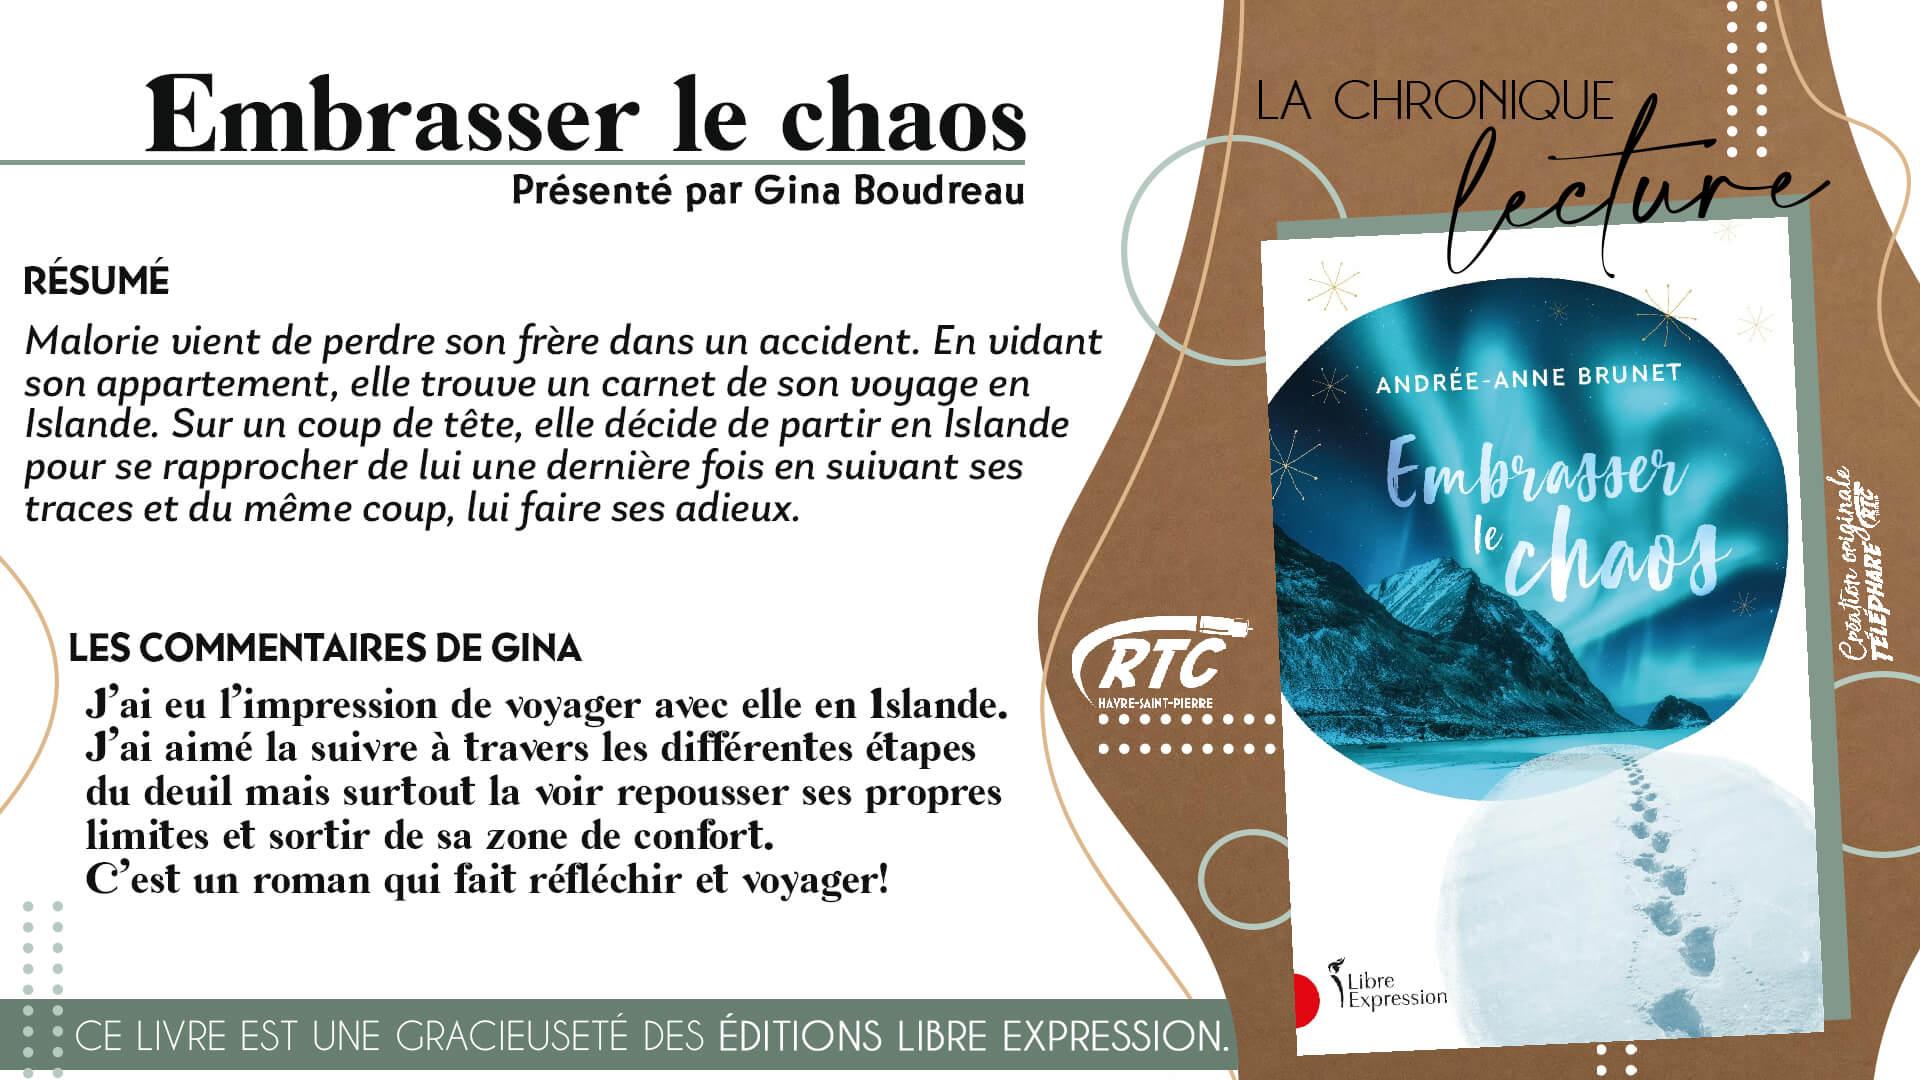 Chronique-Lecture-2021-Gina-Boudreau-Embrasser-le-chaos-13-au-19-avril-2021